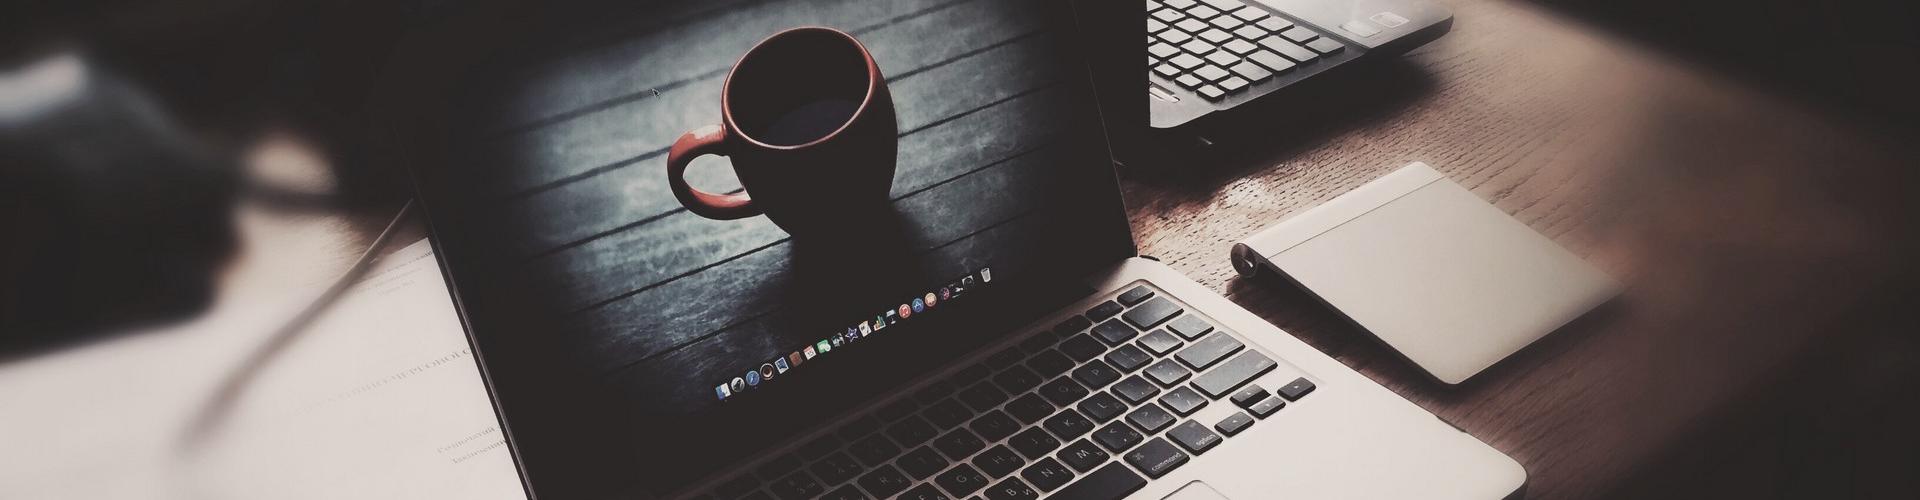 最新彩虹云任务挂机平台 V7.8商业破解版 QQ秒赞、秒评 开心版